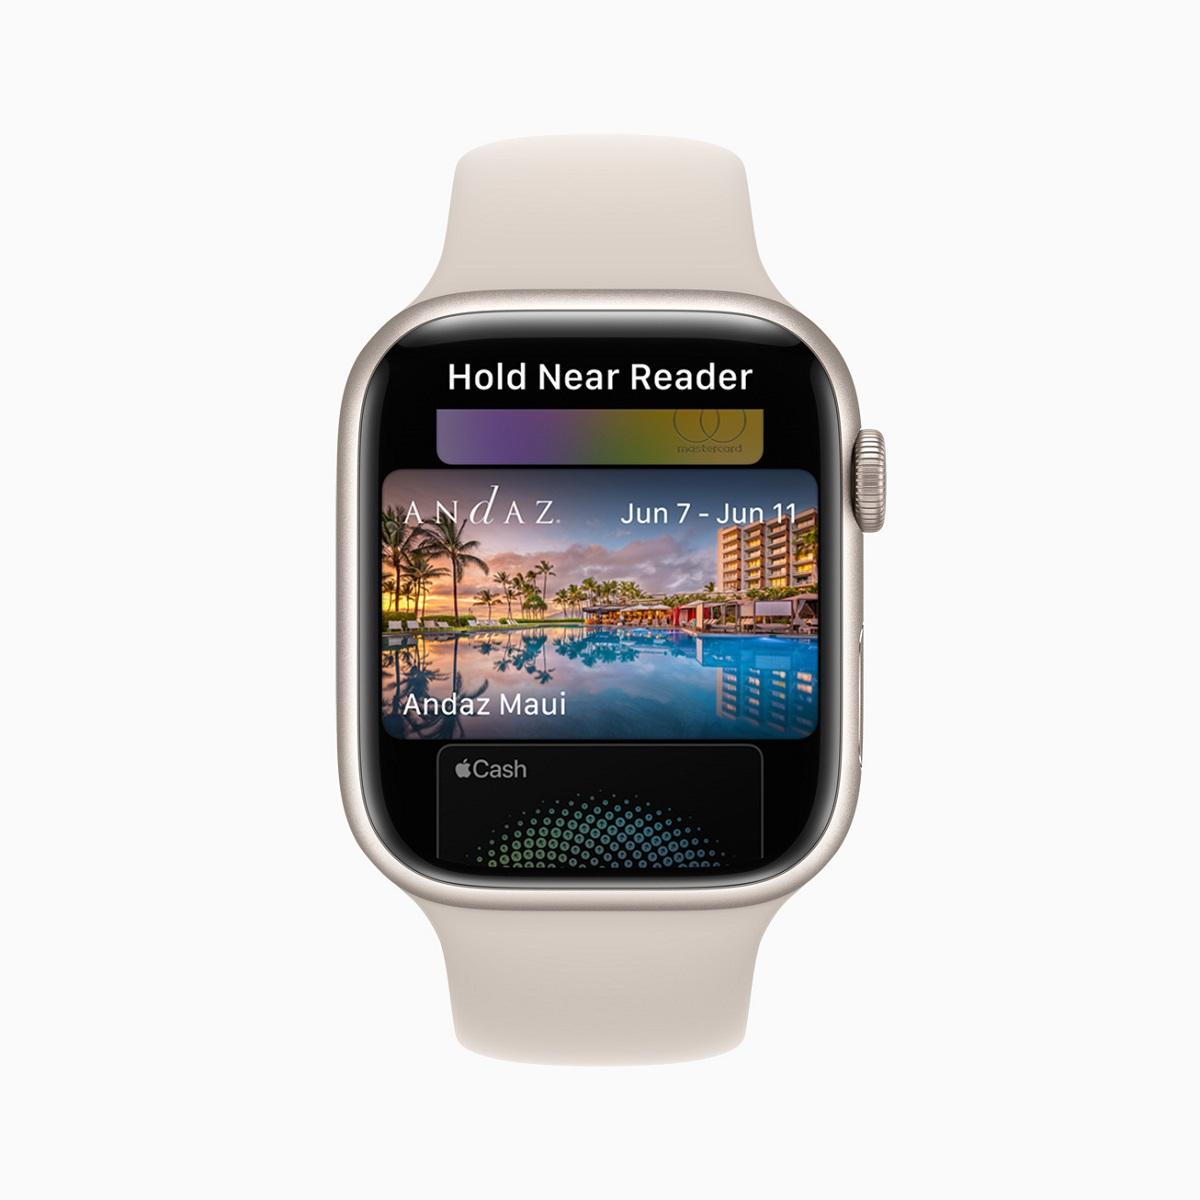 Владельцы Apple Watch могут добавить ключи от гостиничного номера в Wallet и нажать на часы, чтобы разблокировать их.